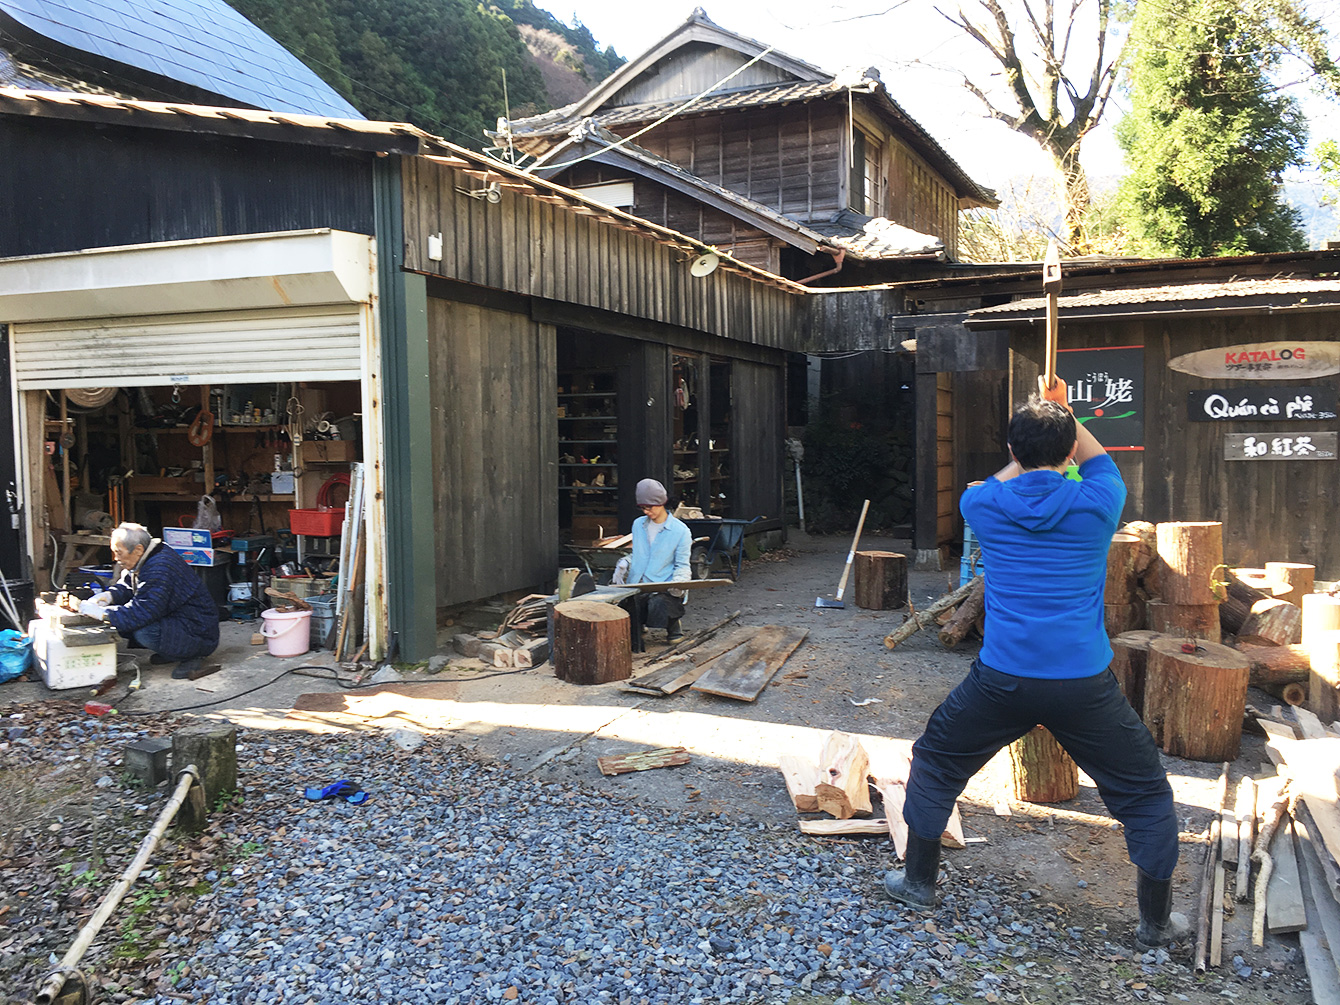 右から順に、薪を割る人、端材を短く裁断する人、チェーンソーを手入れする人。